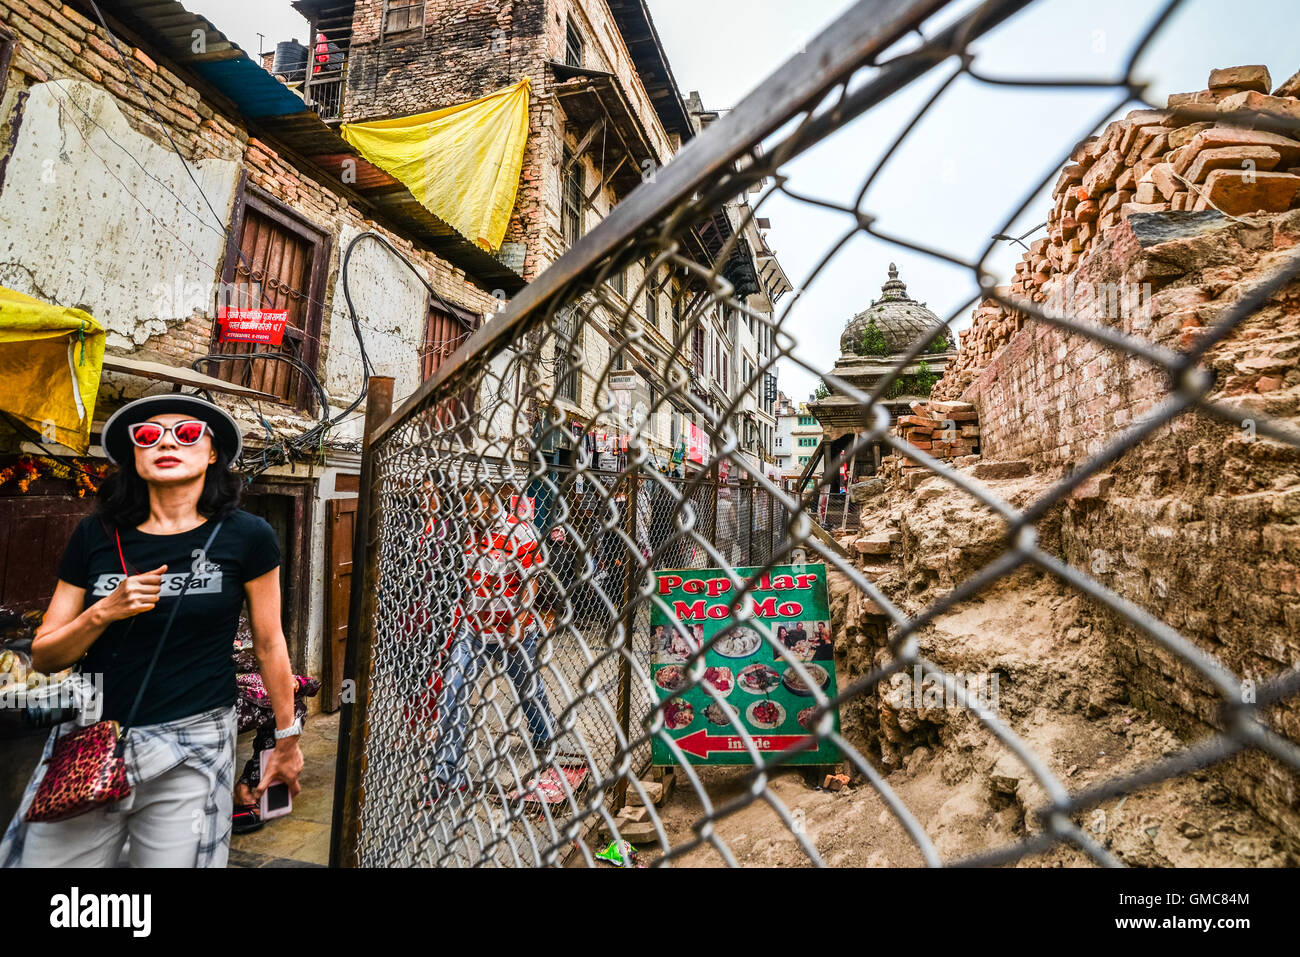 Touristiques de l'Asie de l'est passe par une ruelle près d'un bâtiment historique de Durbar Photo Stock